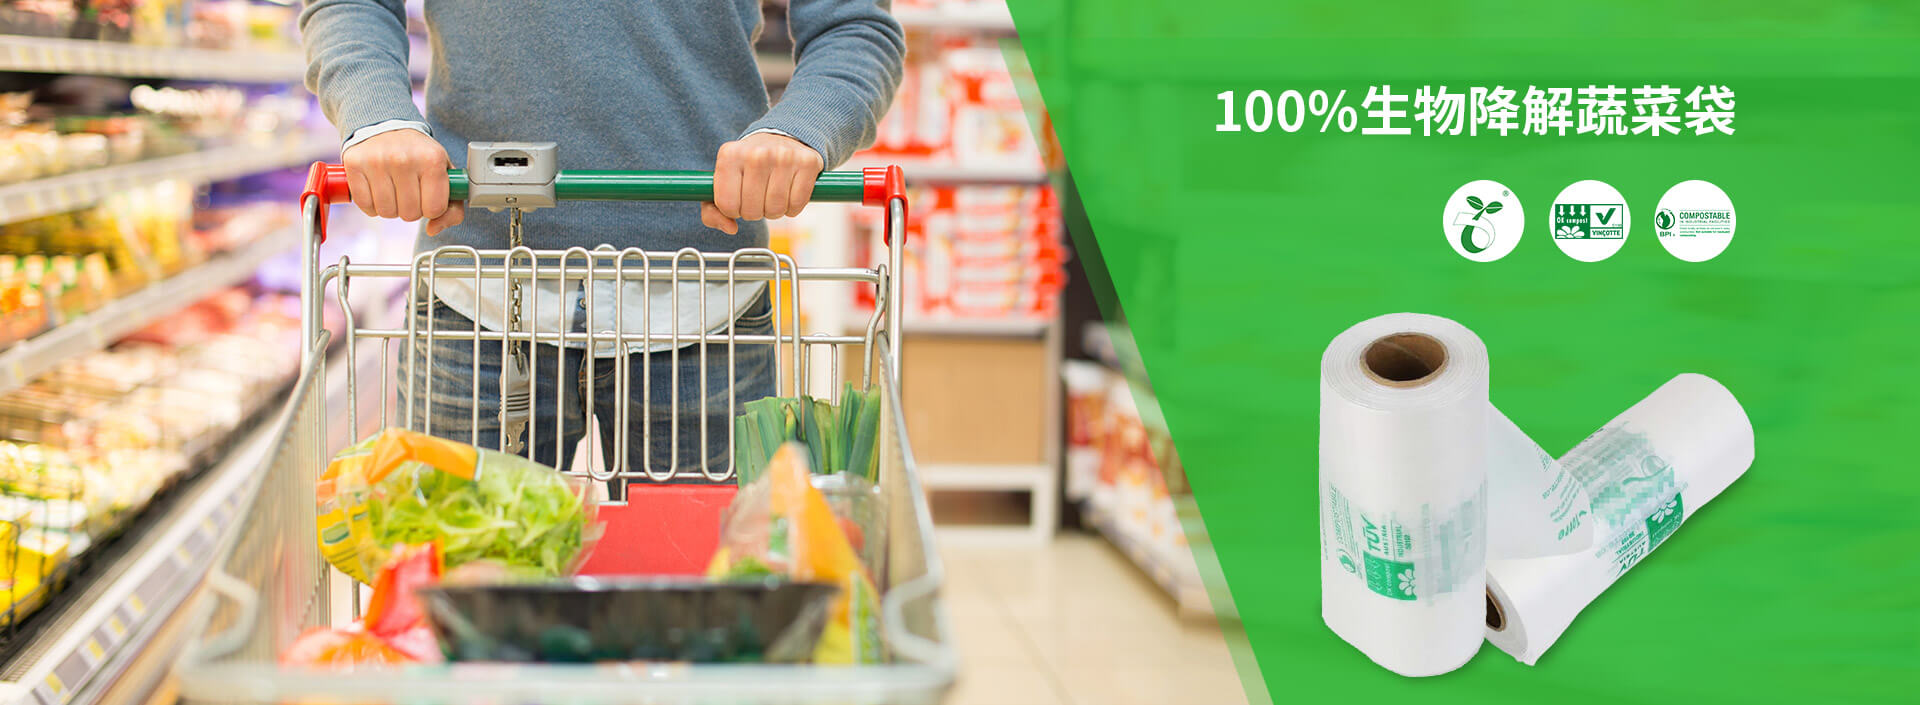 100%生物降解蔬菜袋